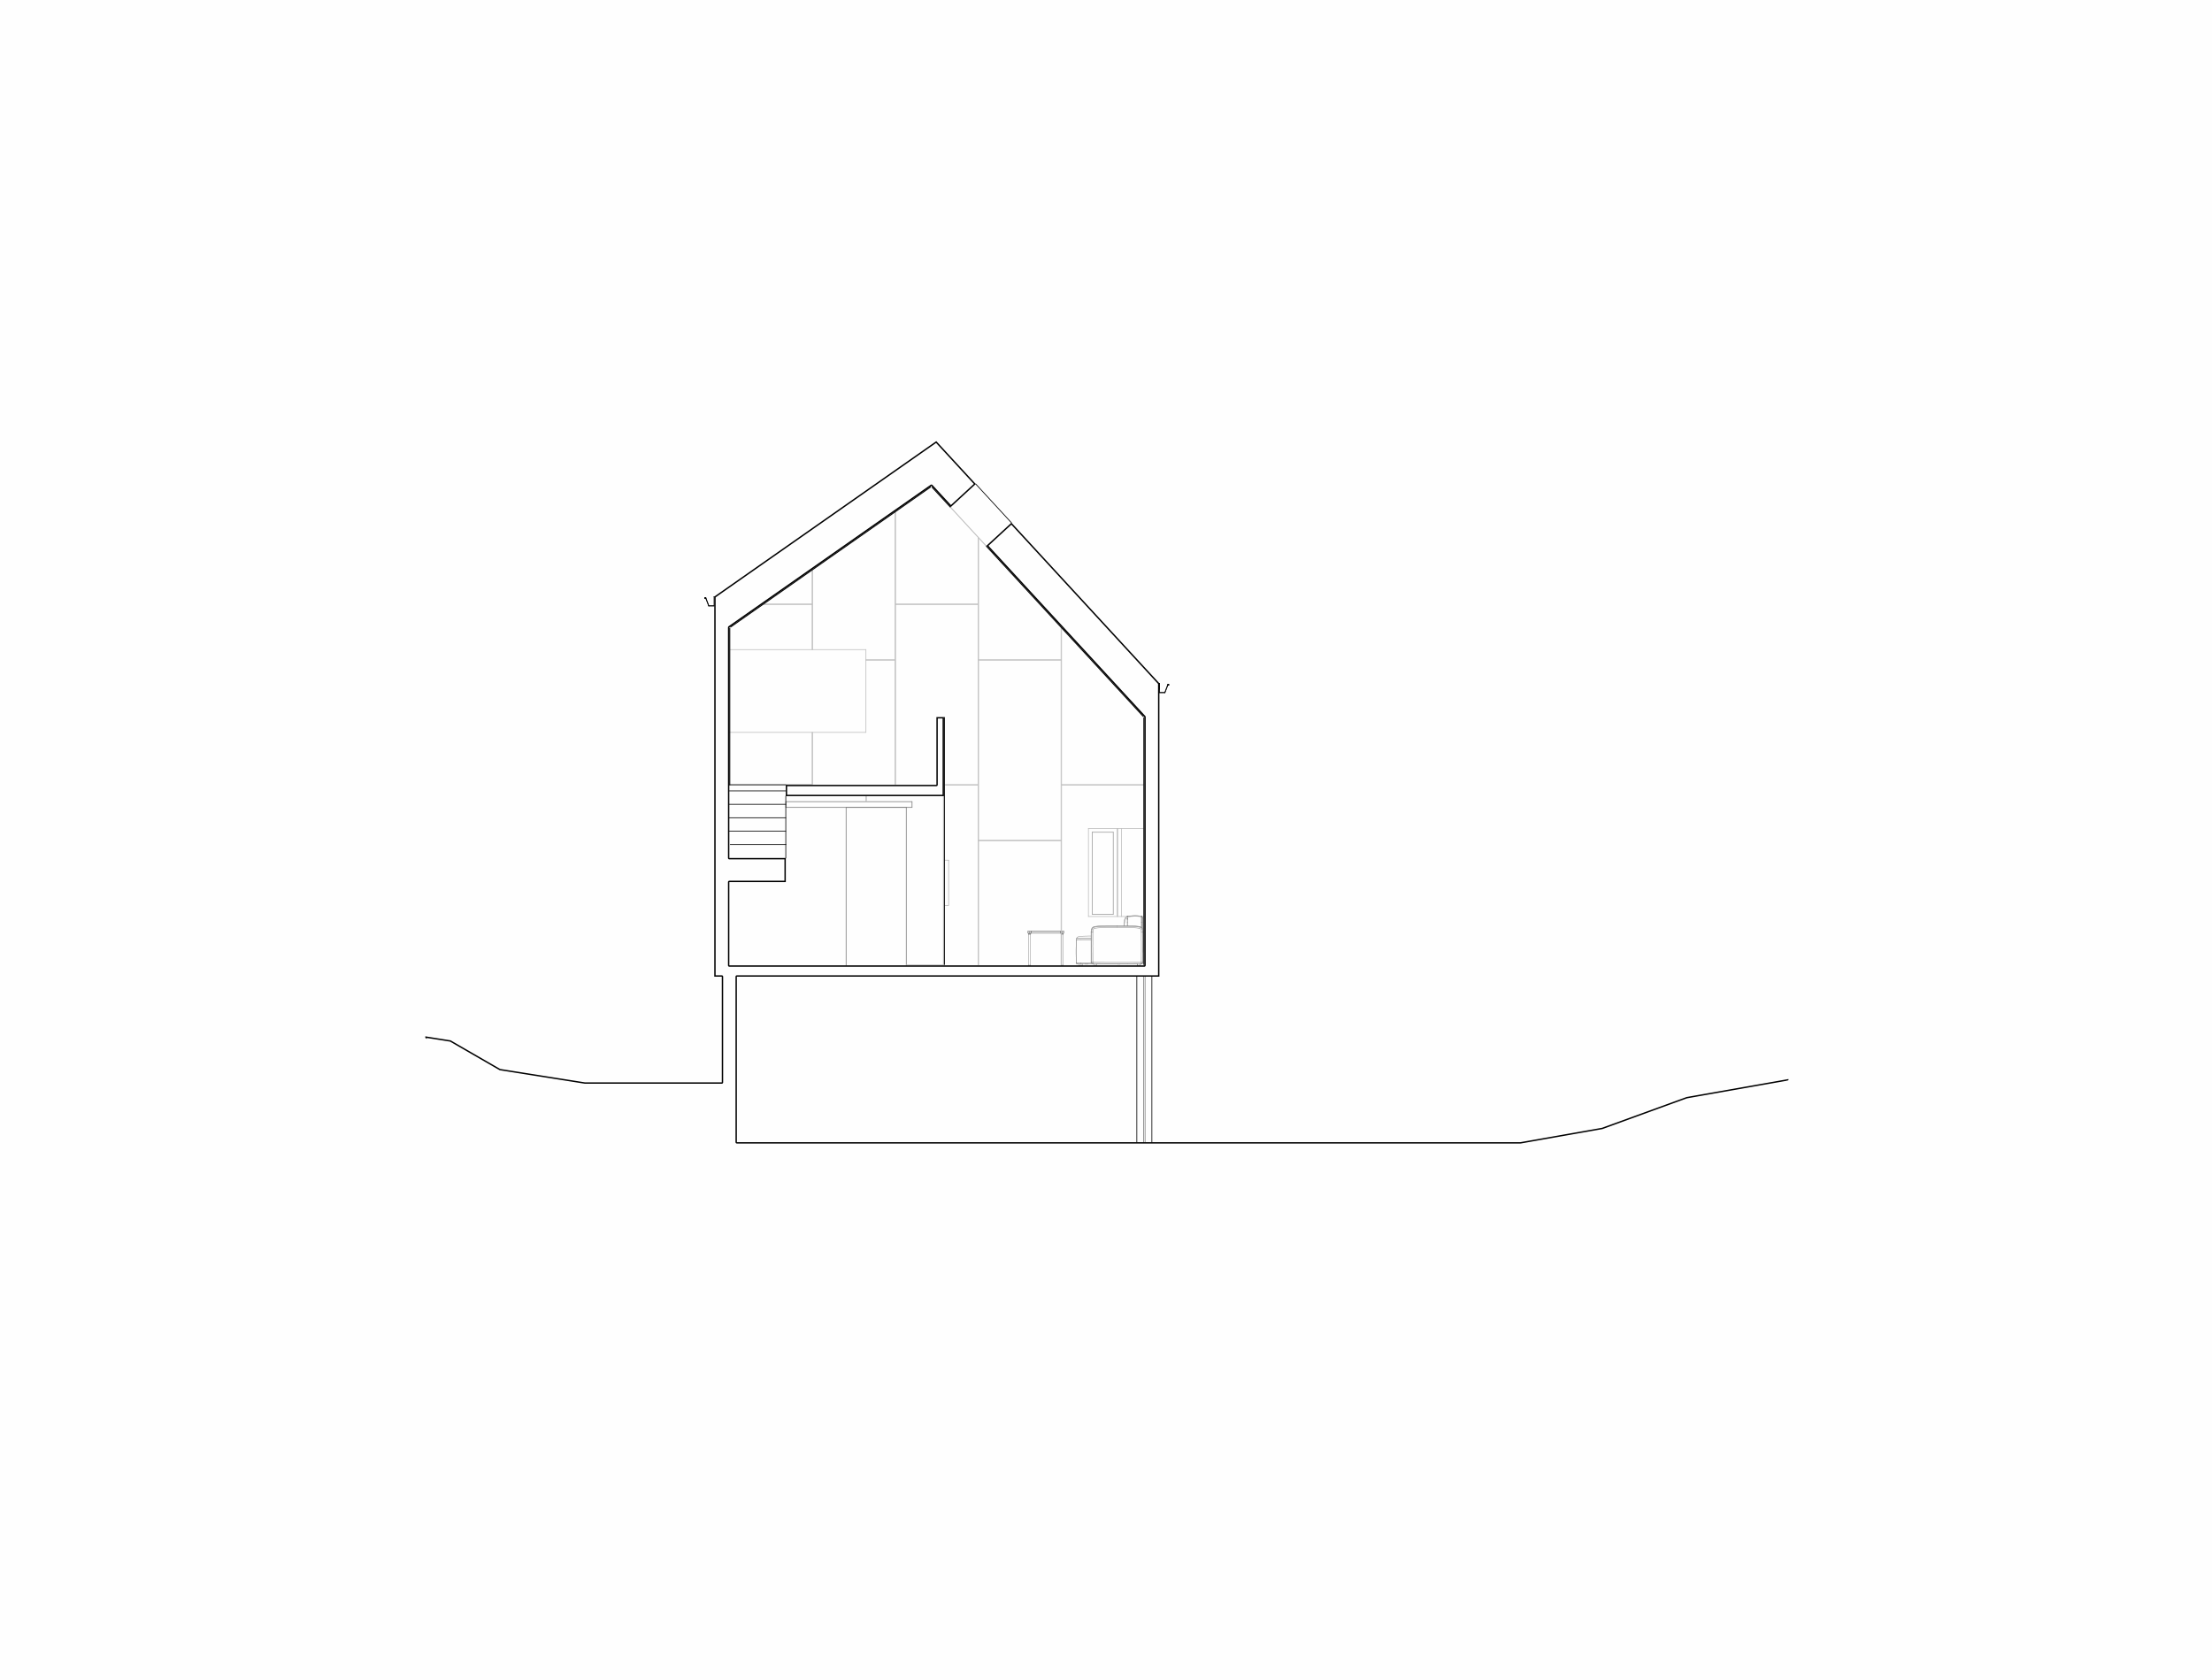 Forunderlig Arkitektur - 1603 - Snitt 01